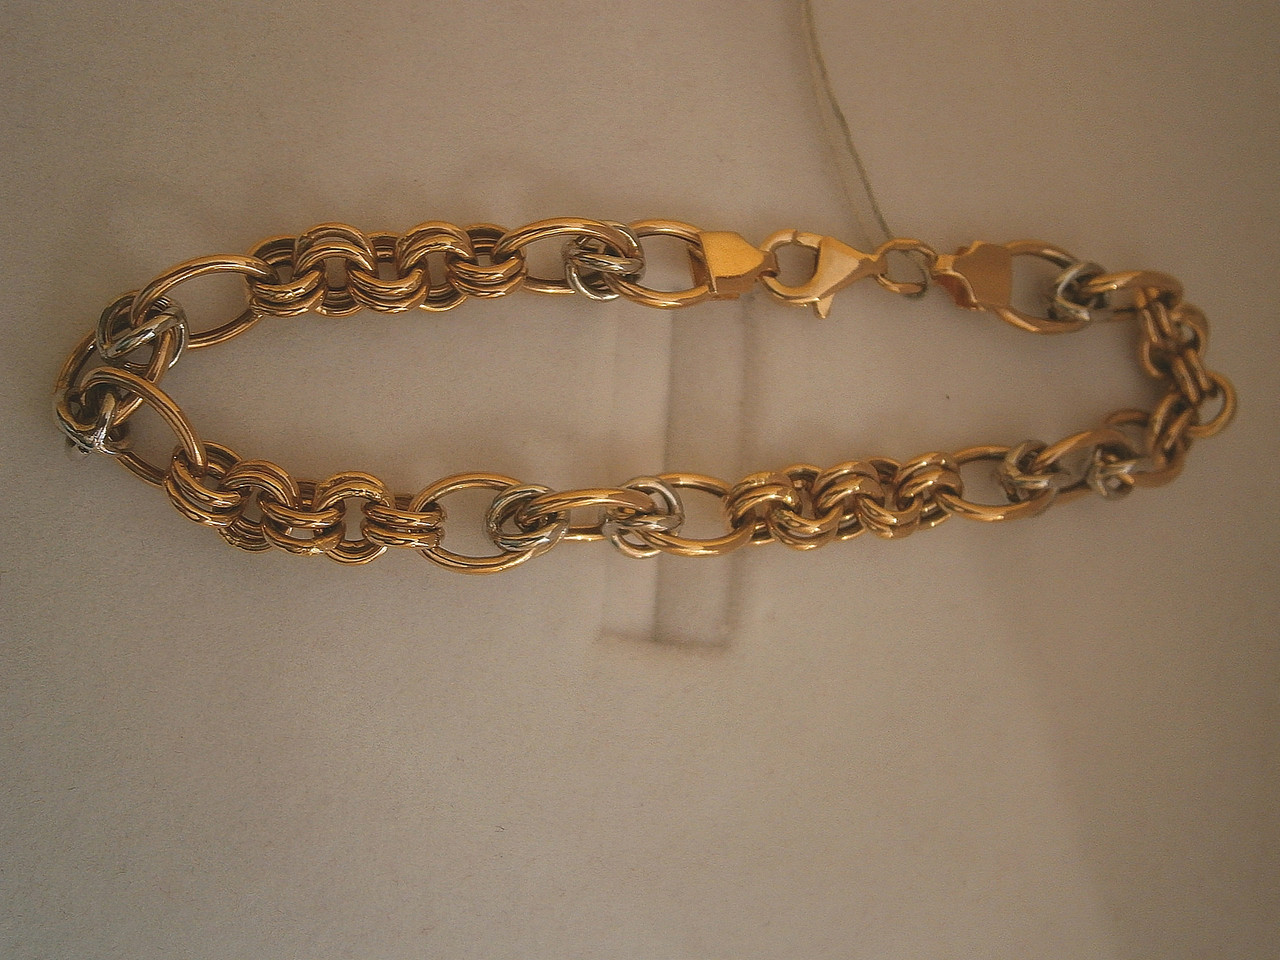 купить золотой браслет в уфе